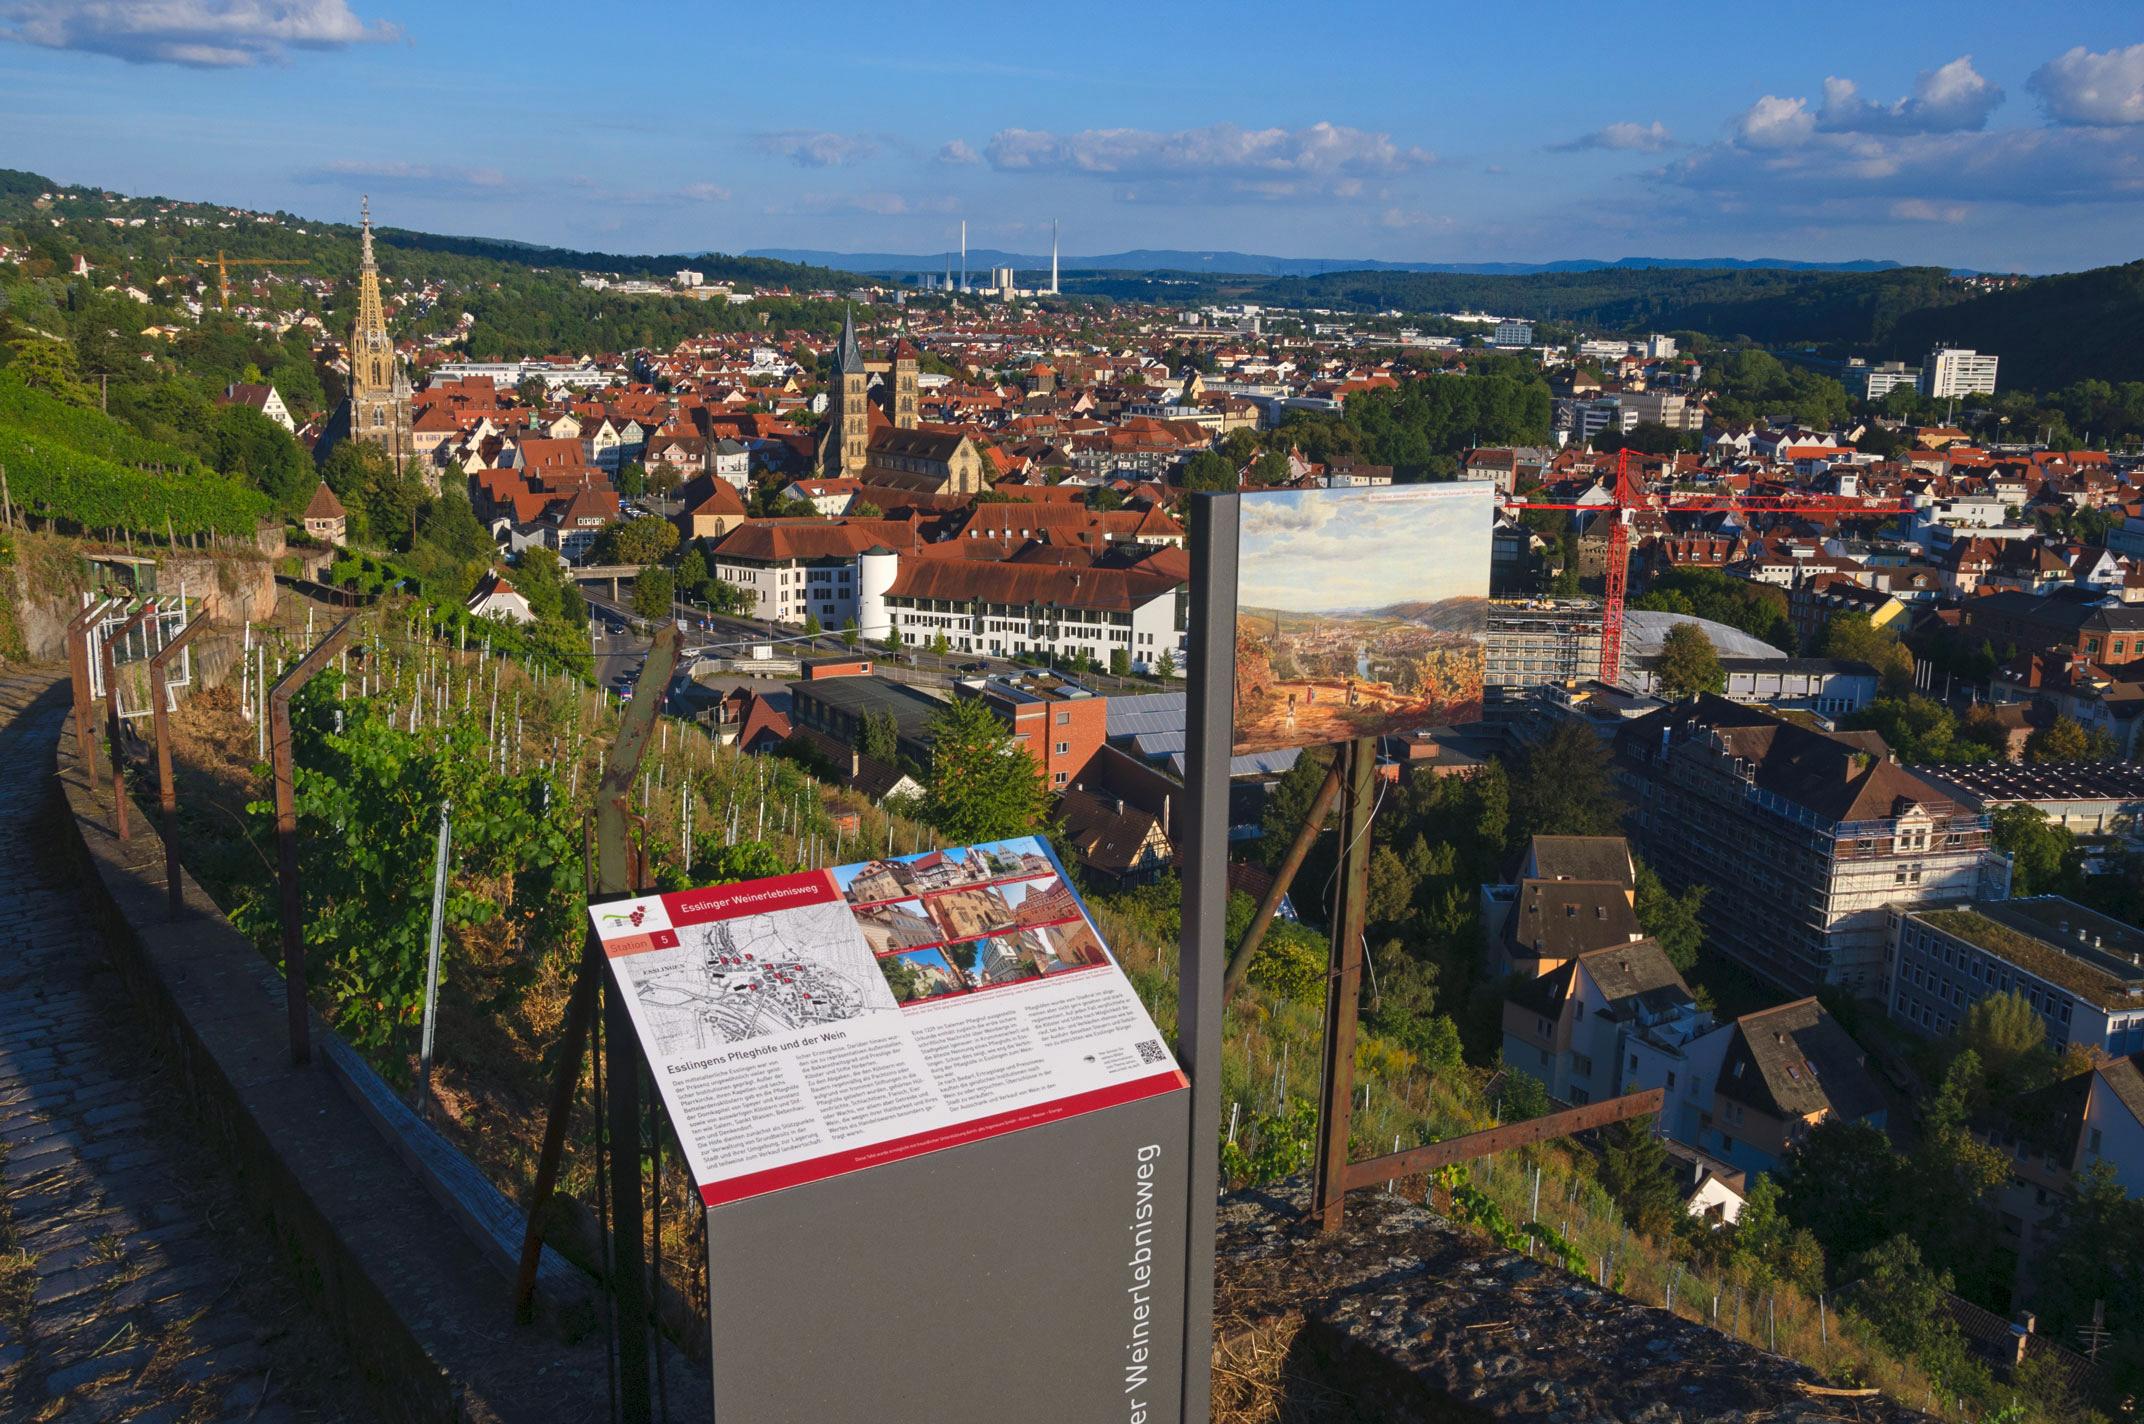 Ein schönes Weinerlebnis: Der Blick auf Esslingen vom Weinerlebnisweg aus